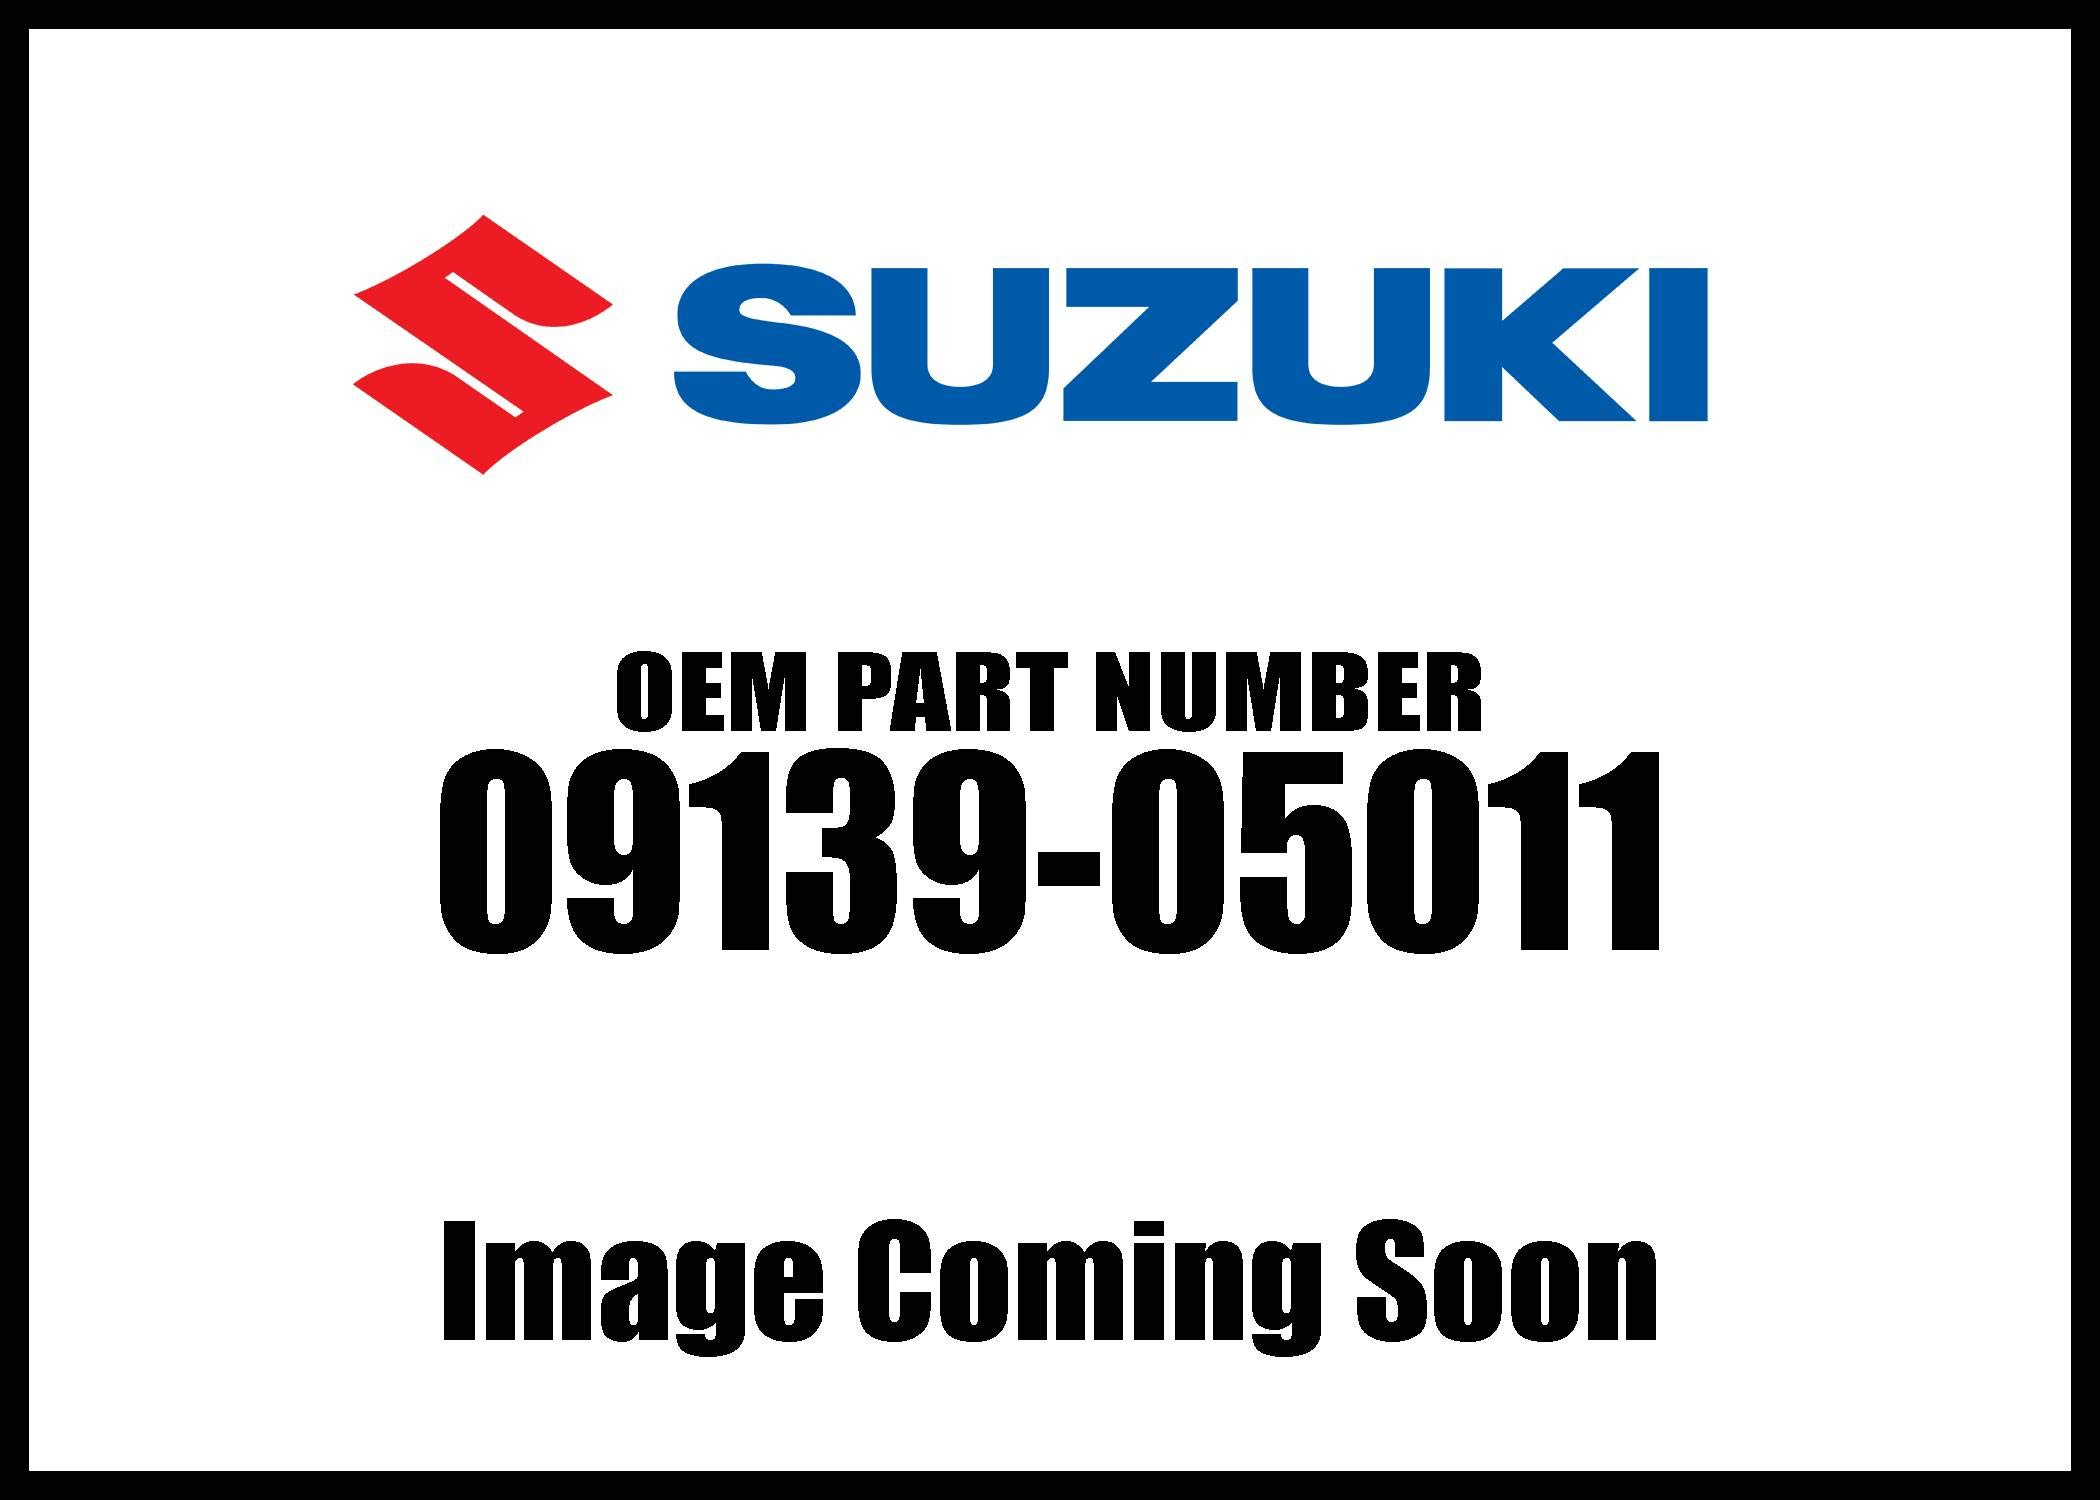 Suzuki Magneto Stator 09139-05011 New Oem